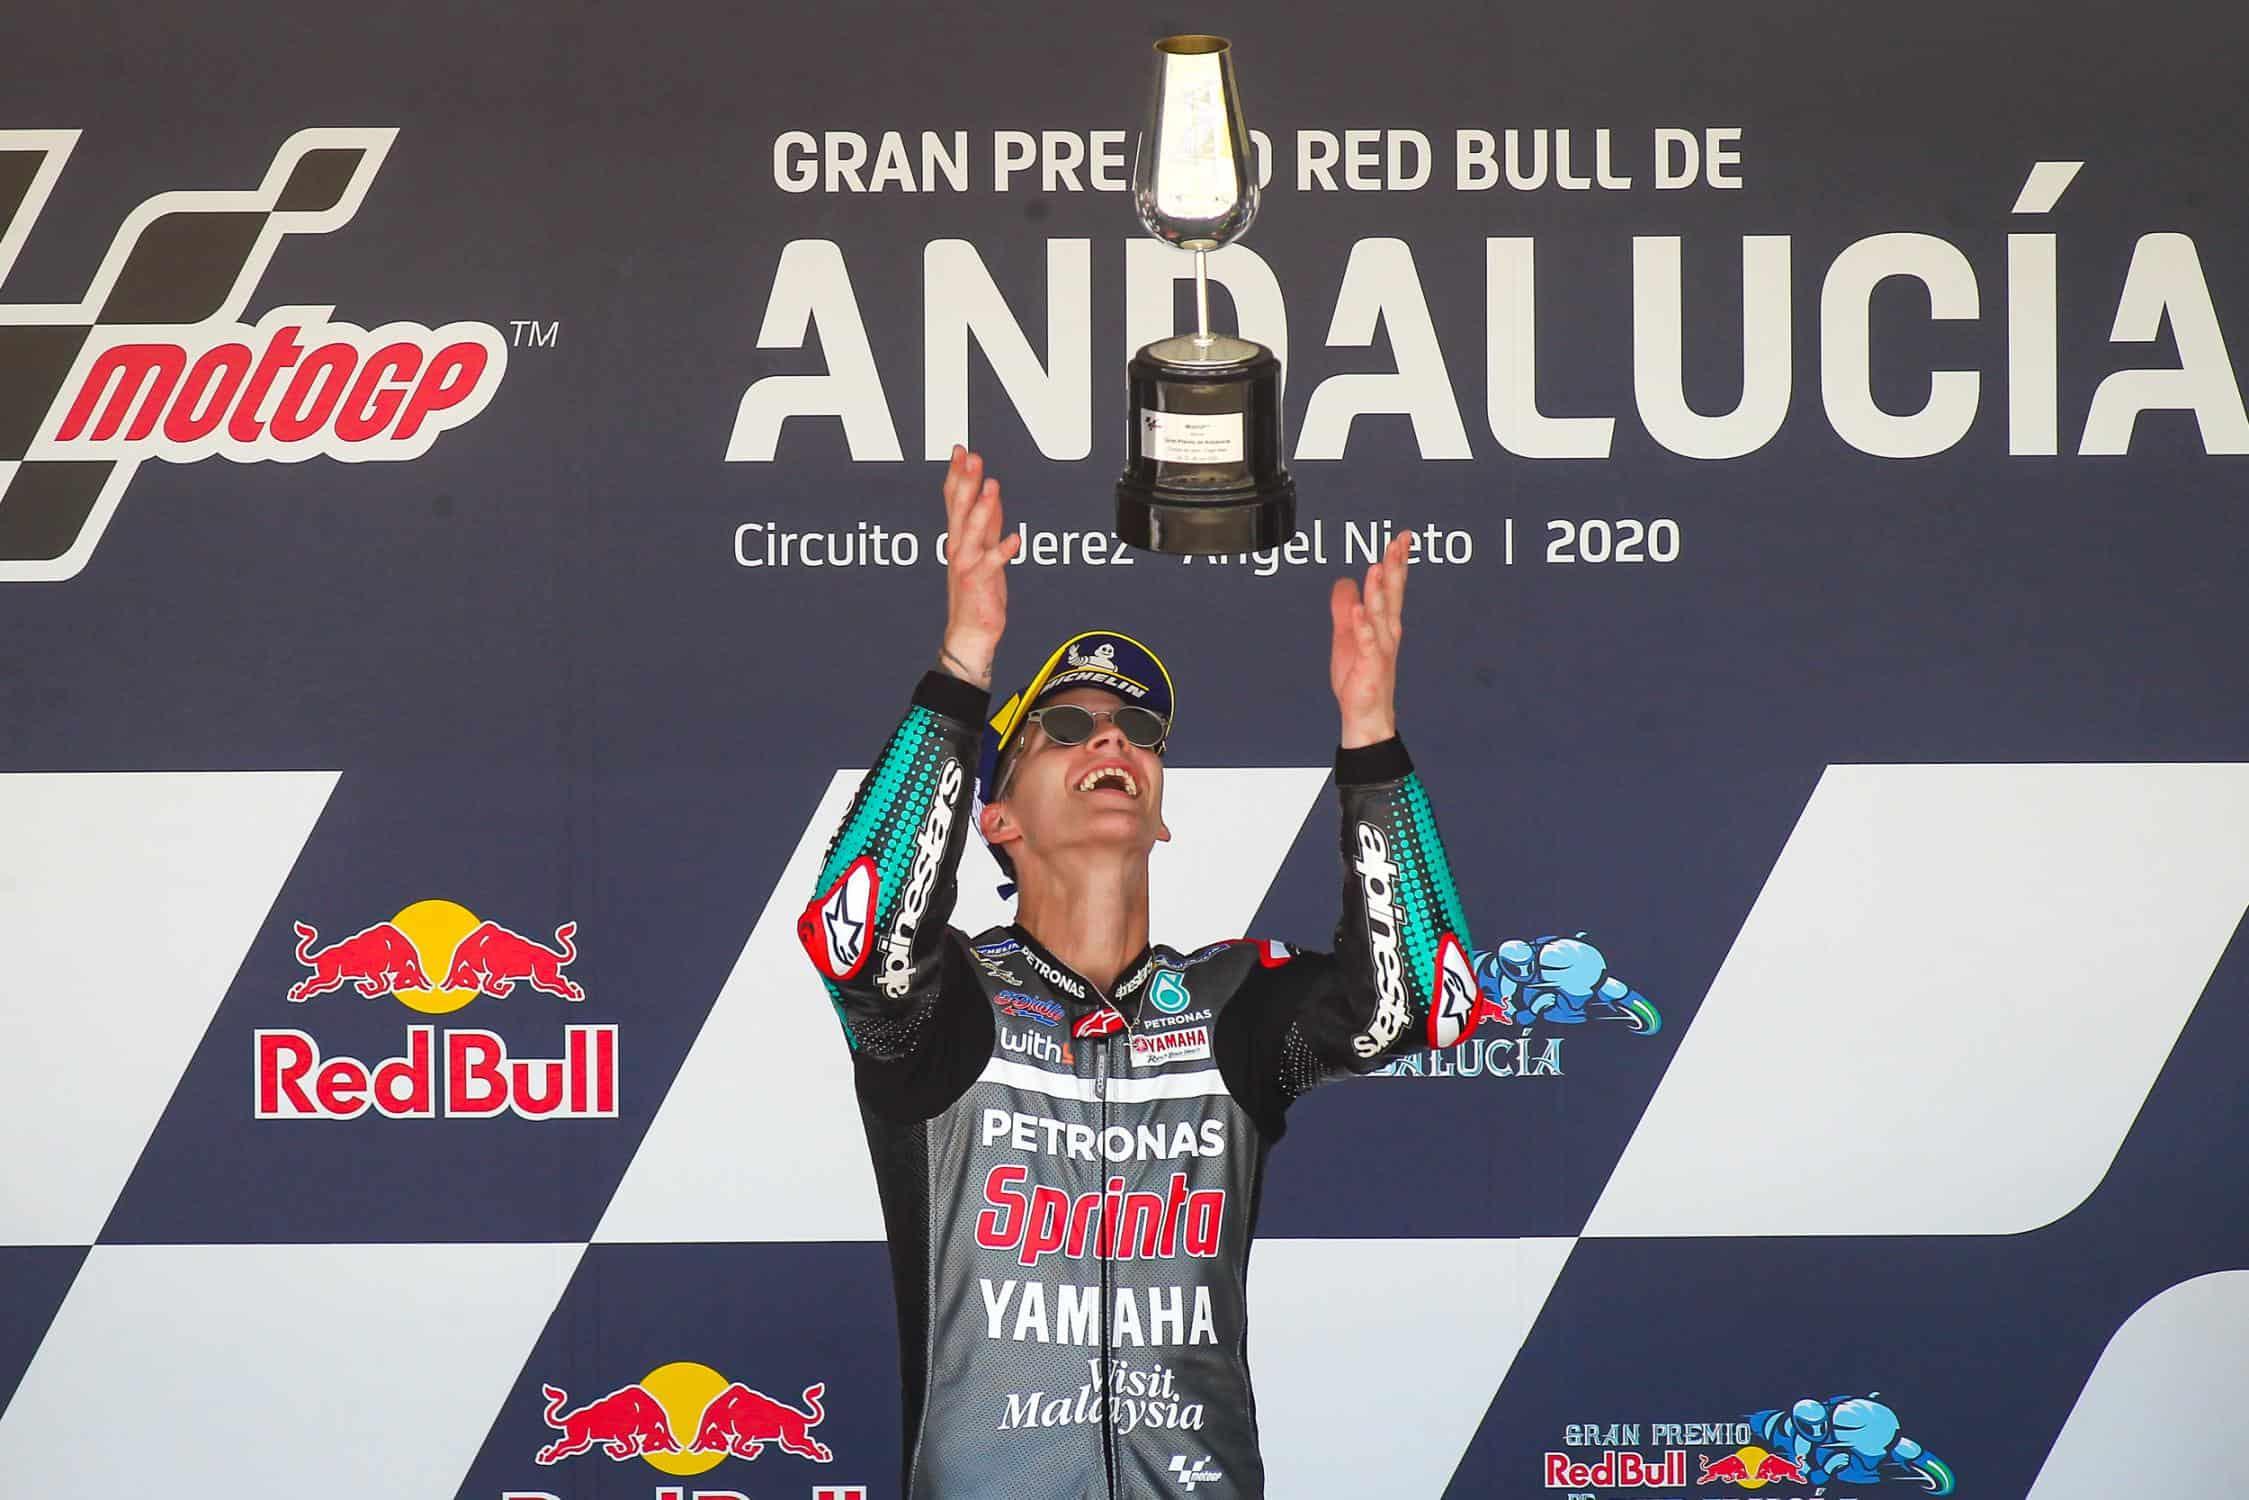 I festeggiamenti di Fabio Quartararo sul podio del GP di Andalusia 2020 (foto da: motogp.com)